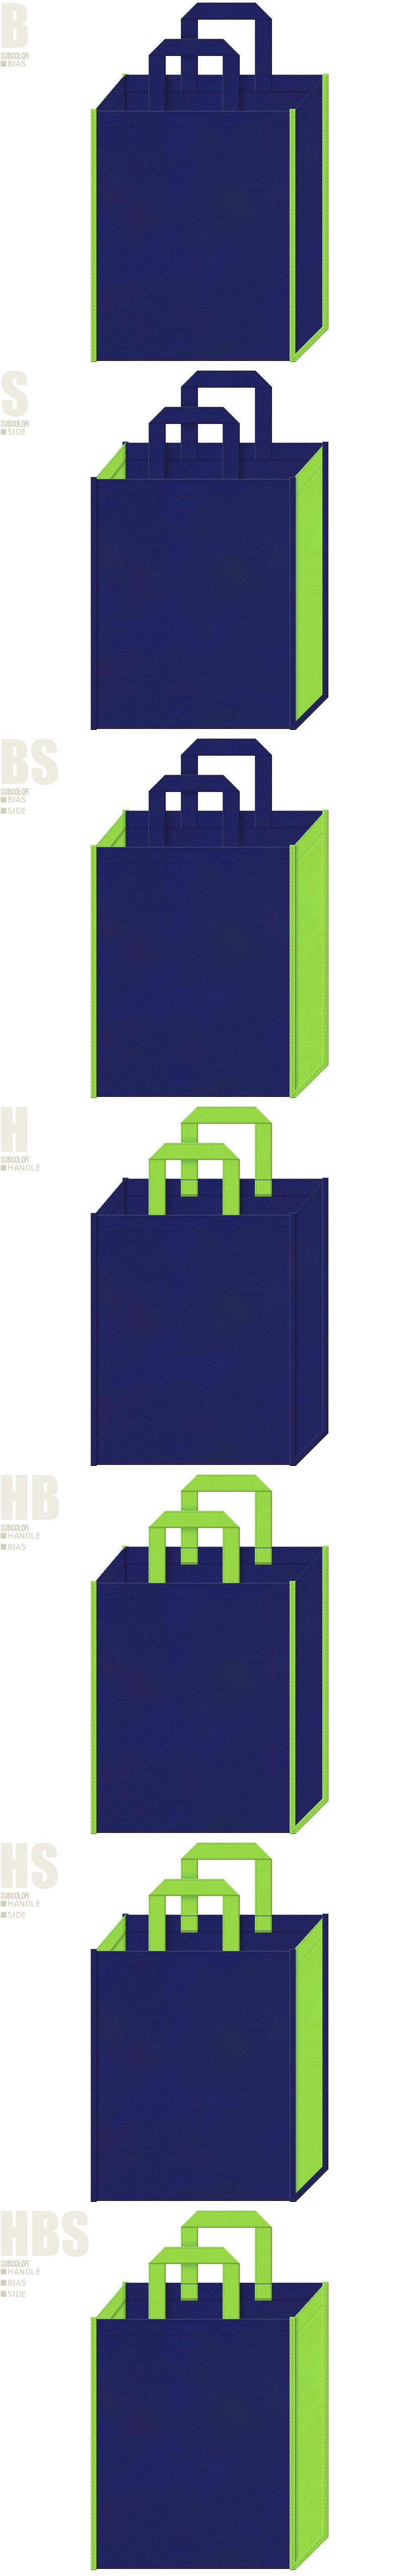 アウトドアイベント・釣具・スポーツ用品・ダイビング・サイクリング用品の展示会用バッグにお奨めの不織布バッグデザイン:明るい紺色と黄緑色の不織布バッグ配色7パターン。